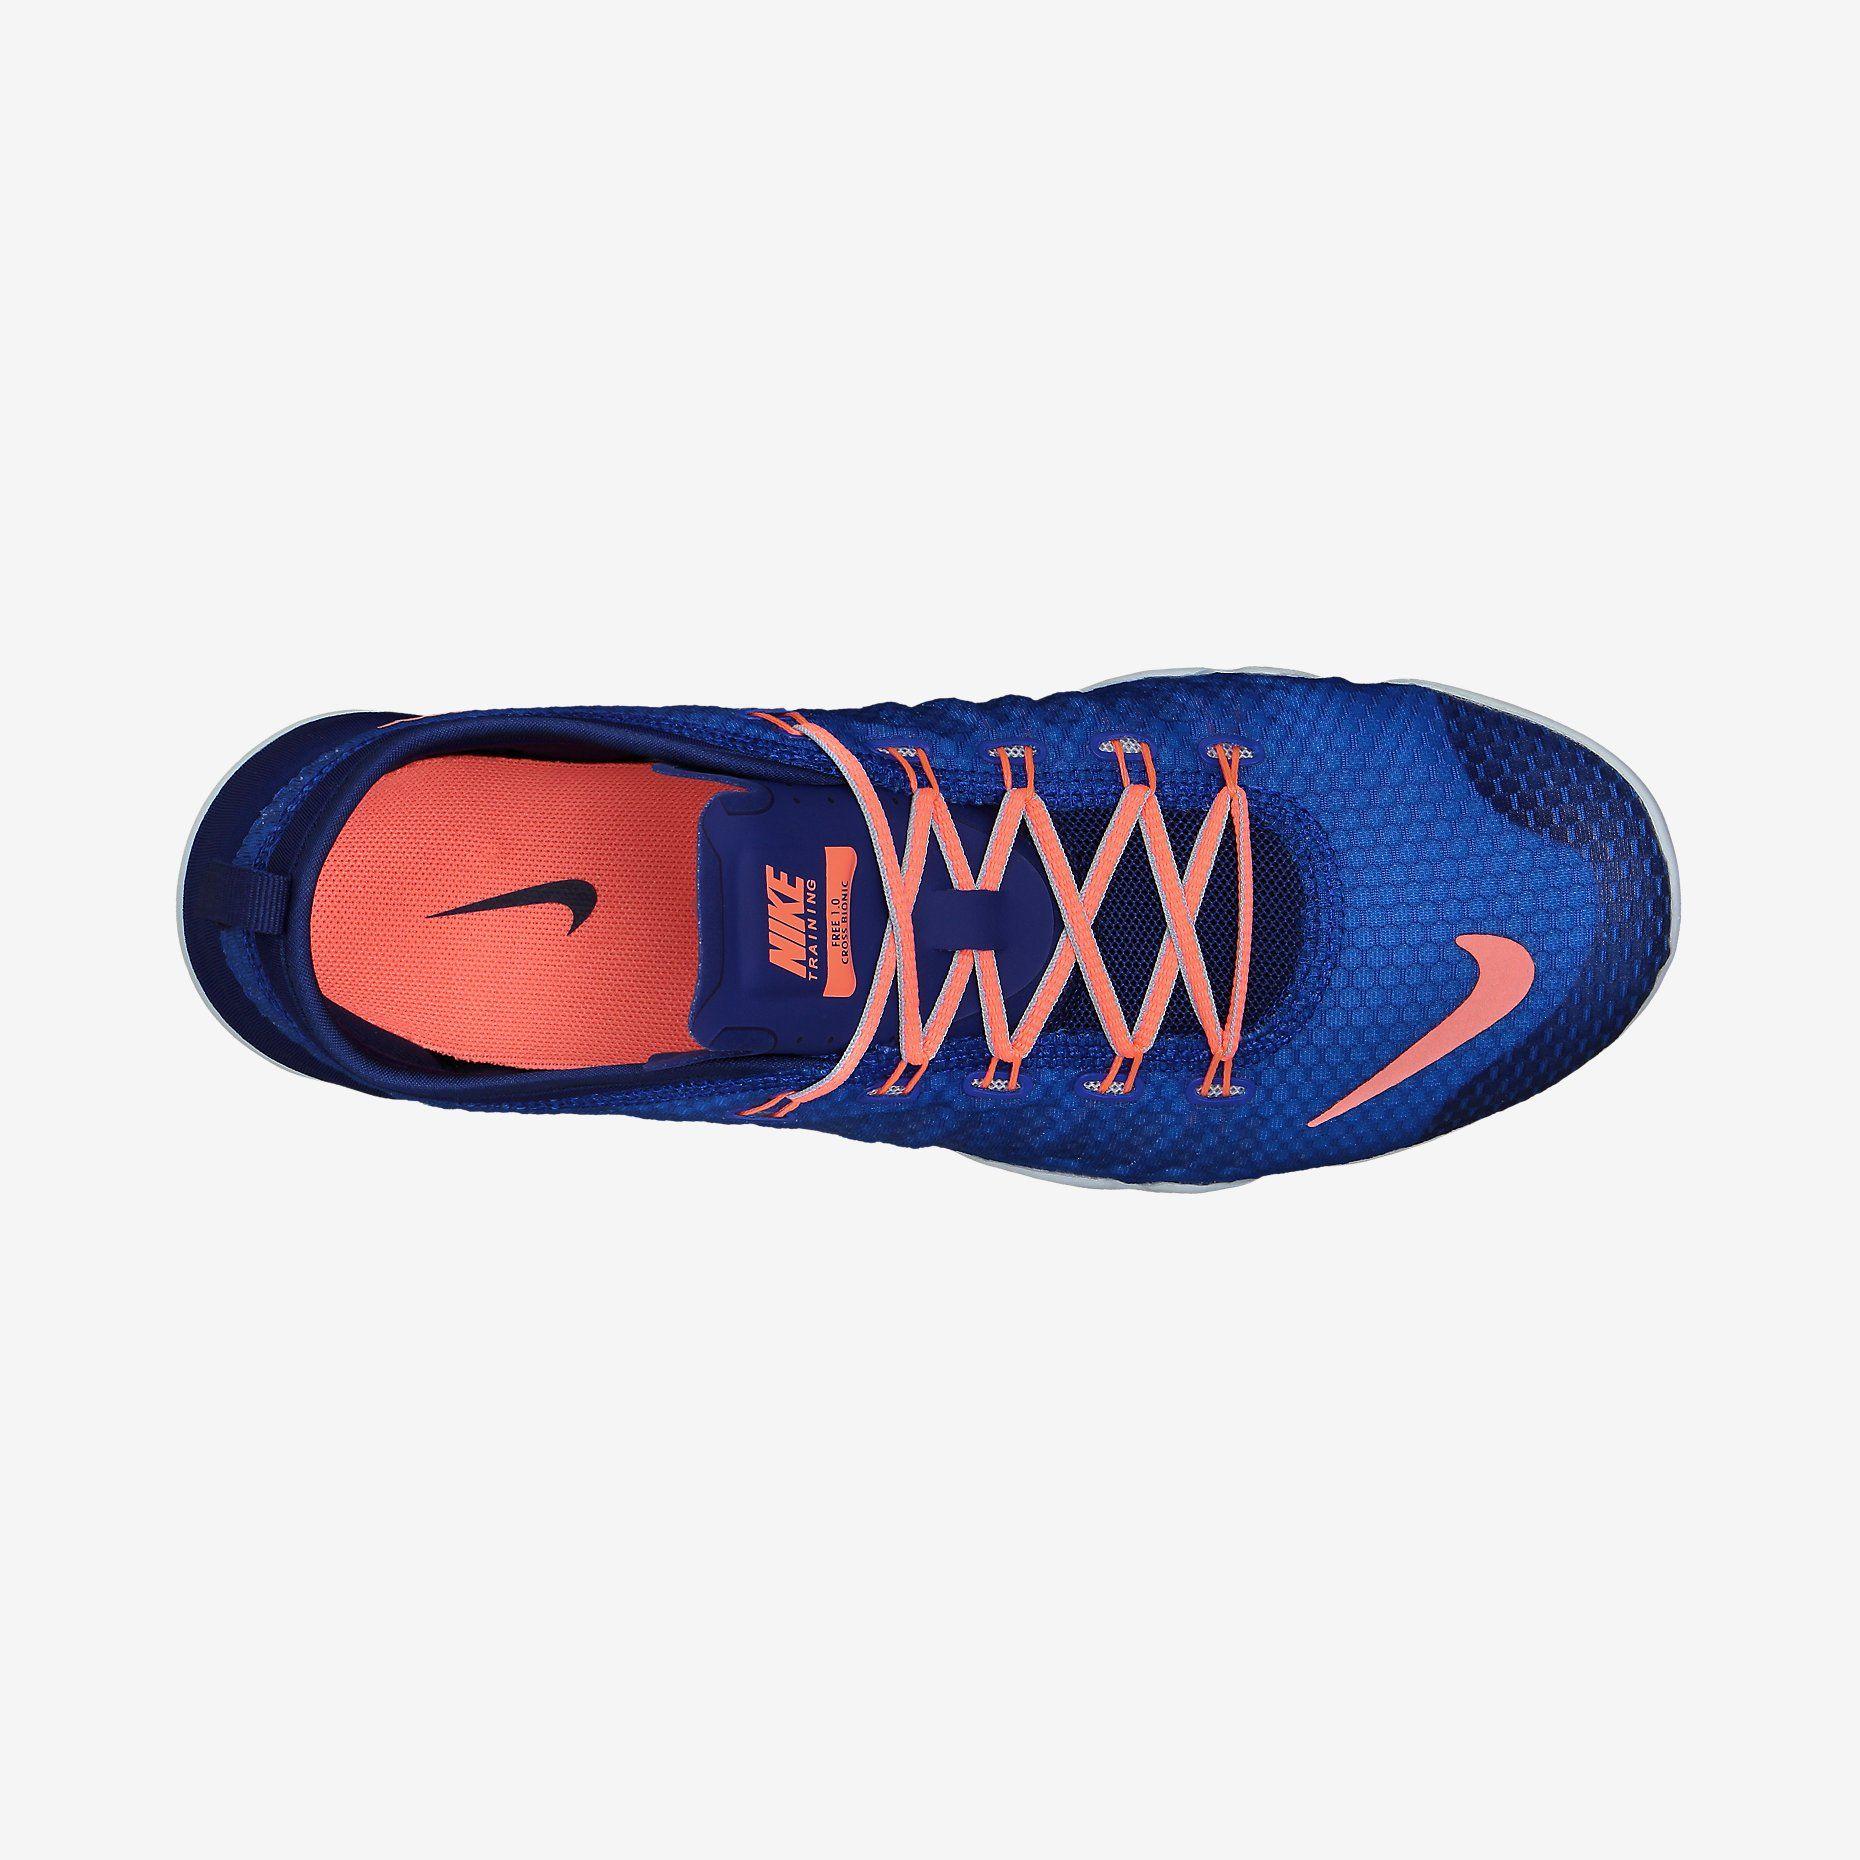 ef52d48f91dc Nike Free 1.0 Cross Bionic Women s Training Shoe. Nike Store size 10.5